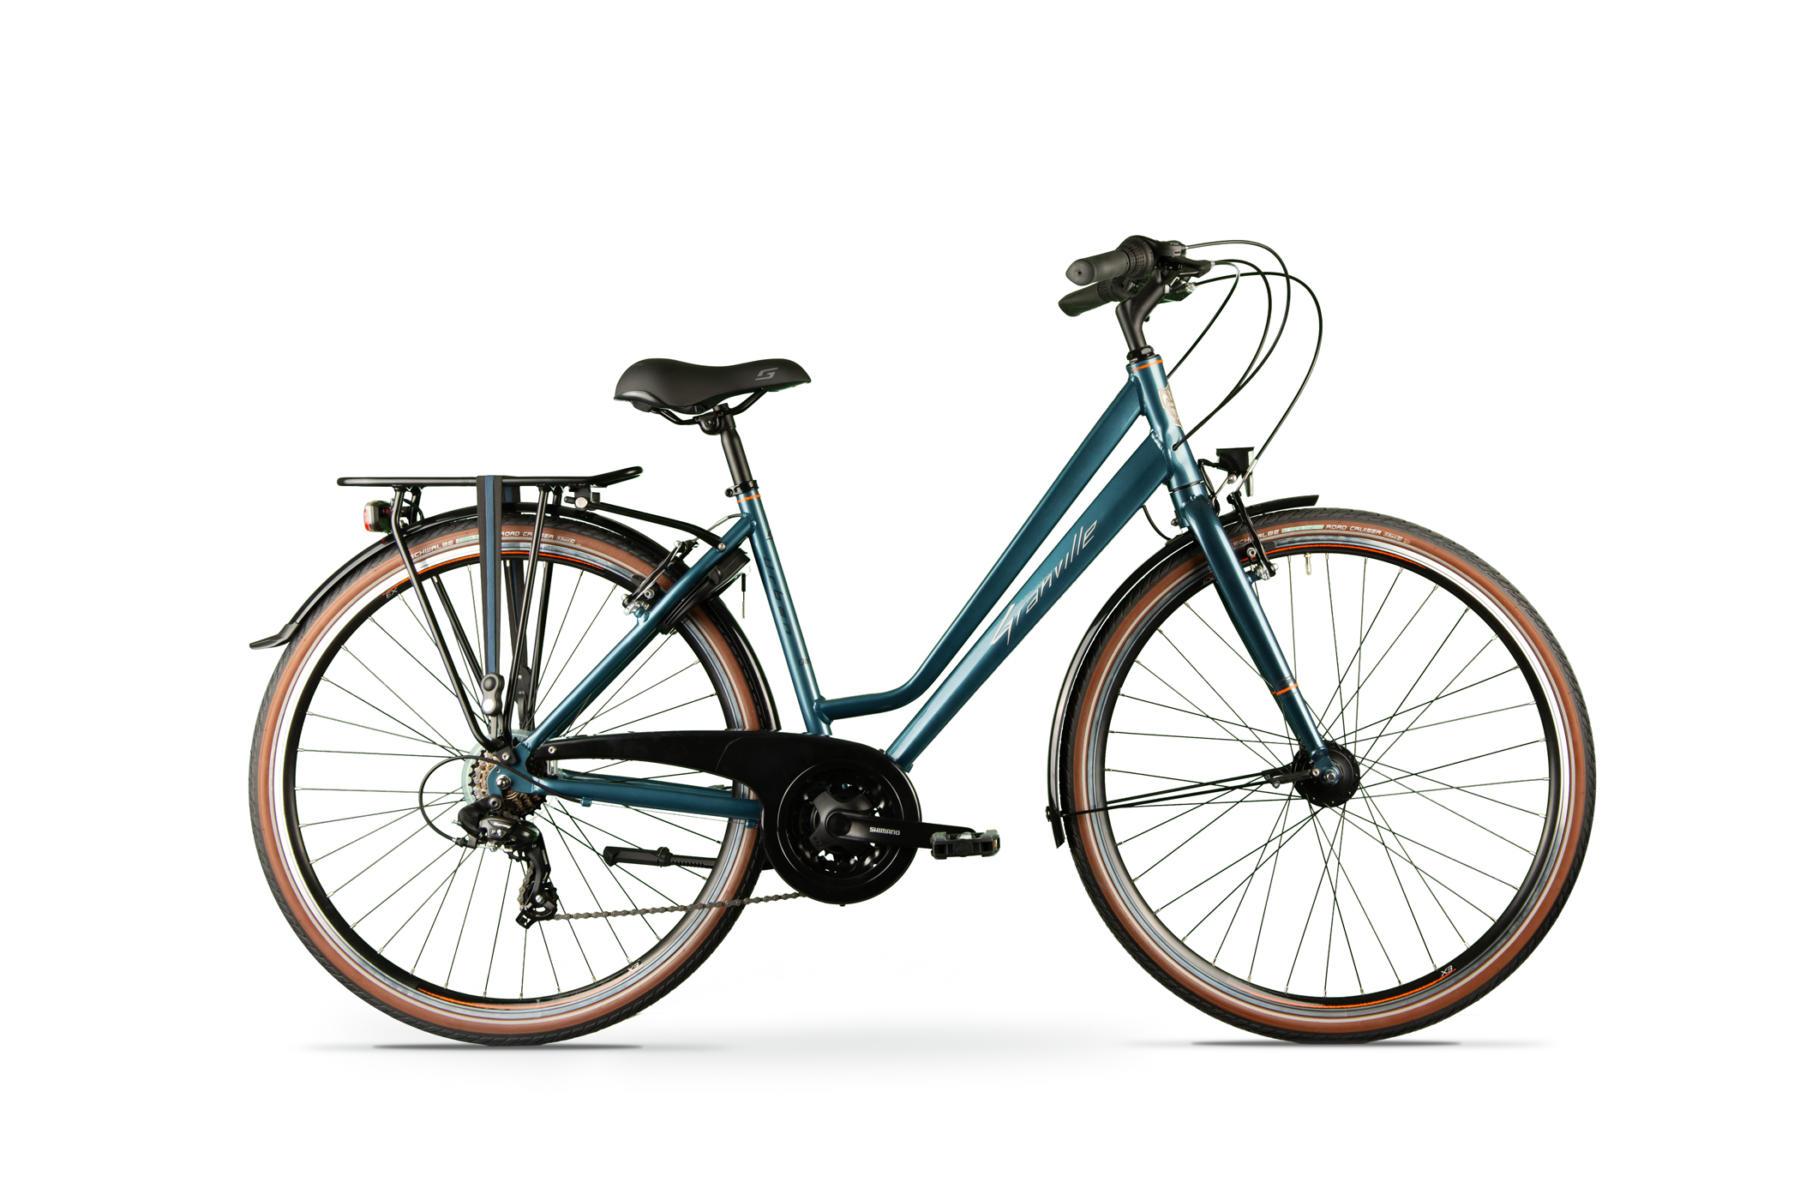 Oakland-21-All-Bikes-Putte-Ludwig-Wynants-racefietsen-elektrische-fietsen-mountainbikes-koersfiets-kopen-herstellingen